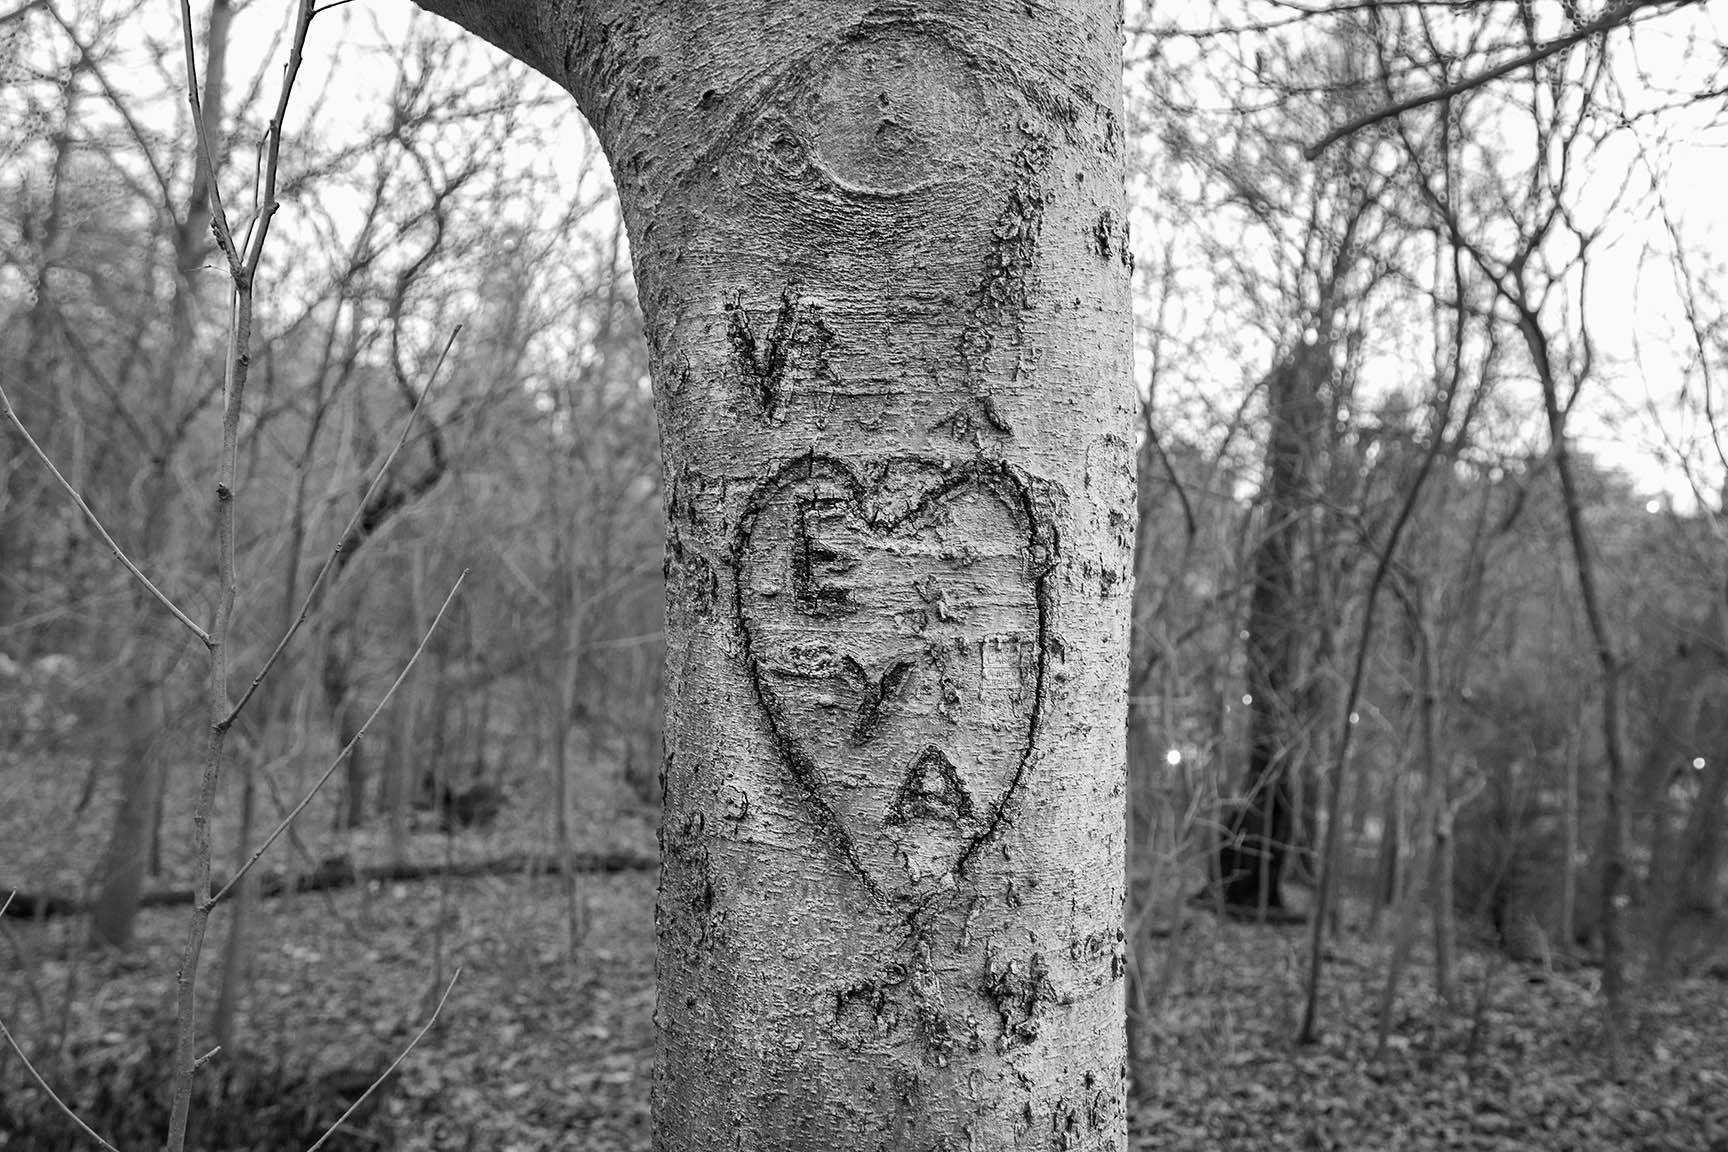 35_Tattoo Tree_7317-BLOG